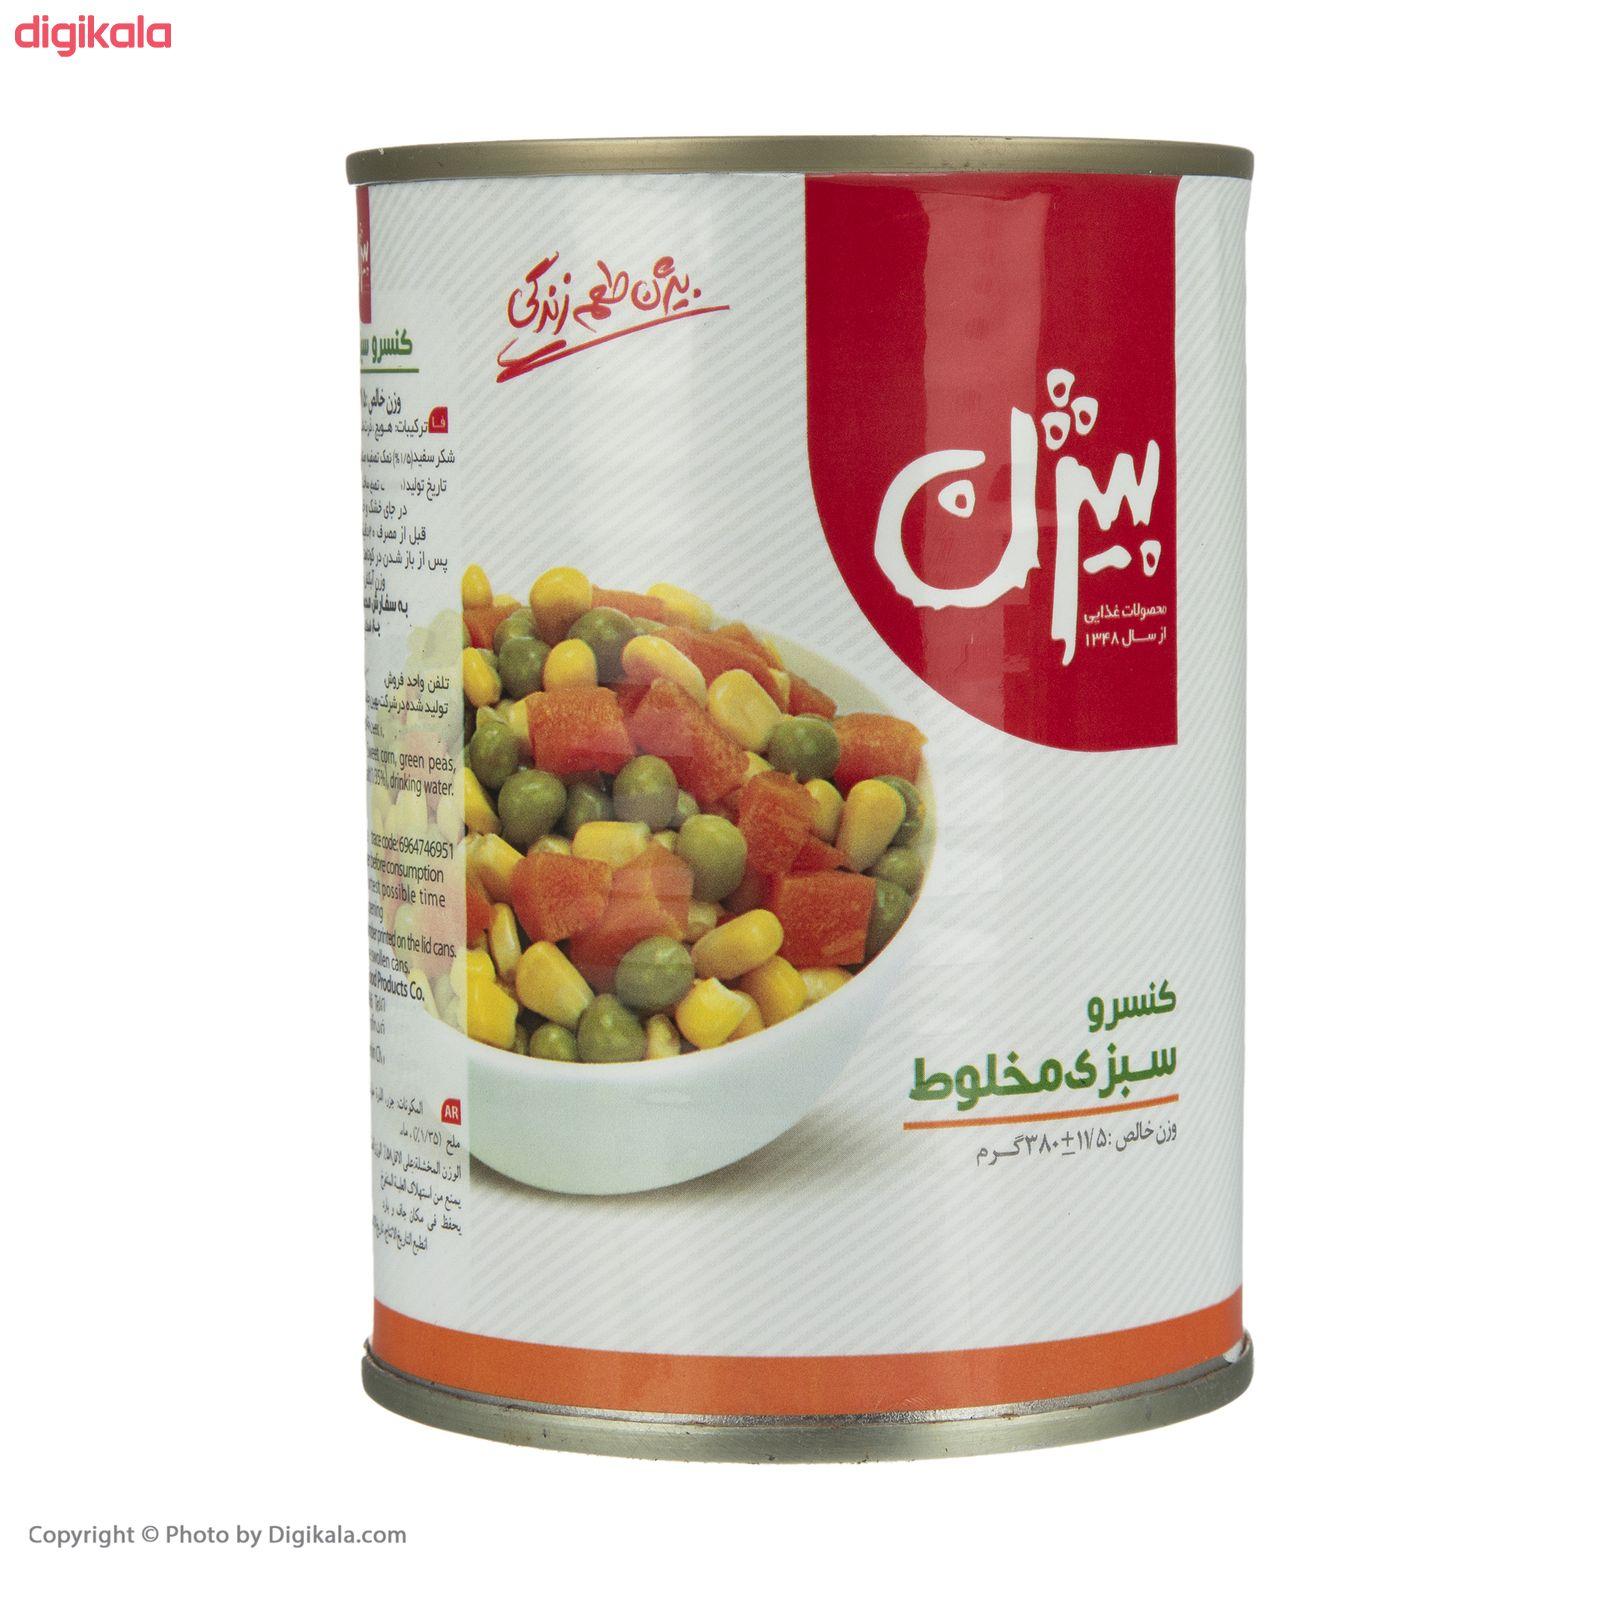 کنسرو سبزی مخلوط بیژن - 380 گرم main 1 1